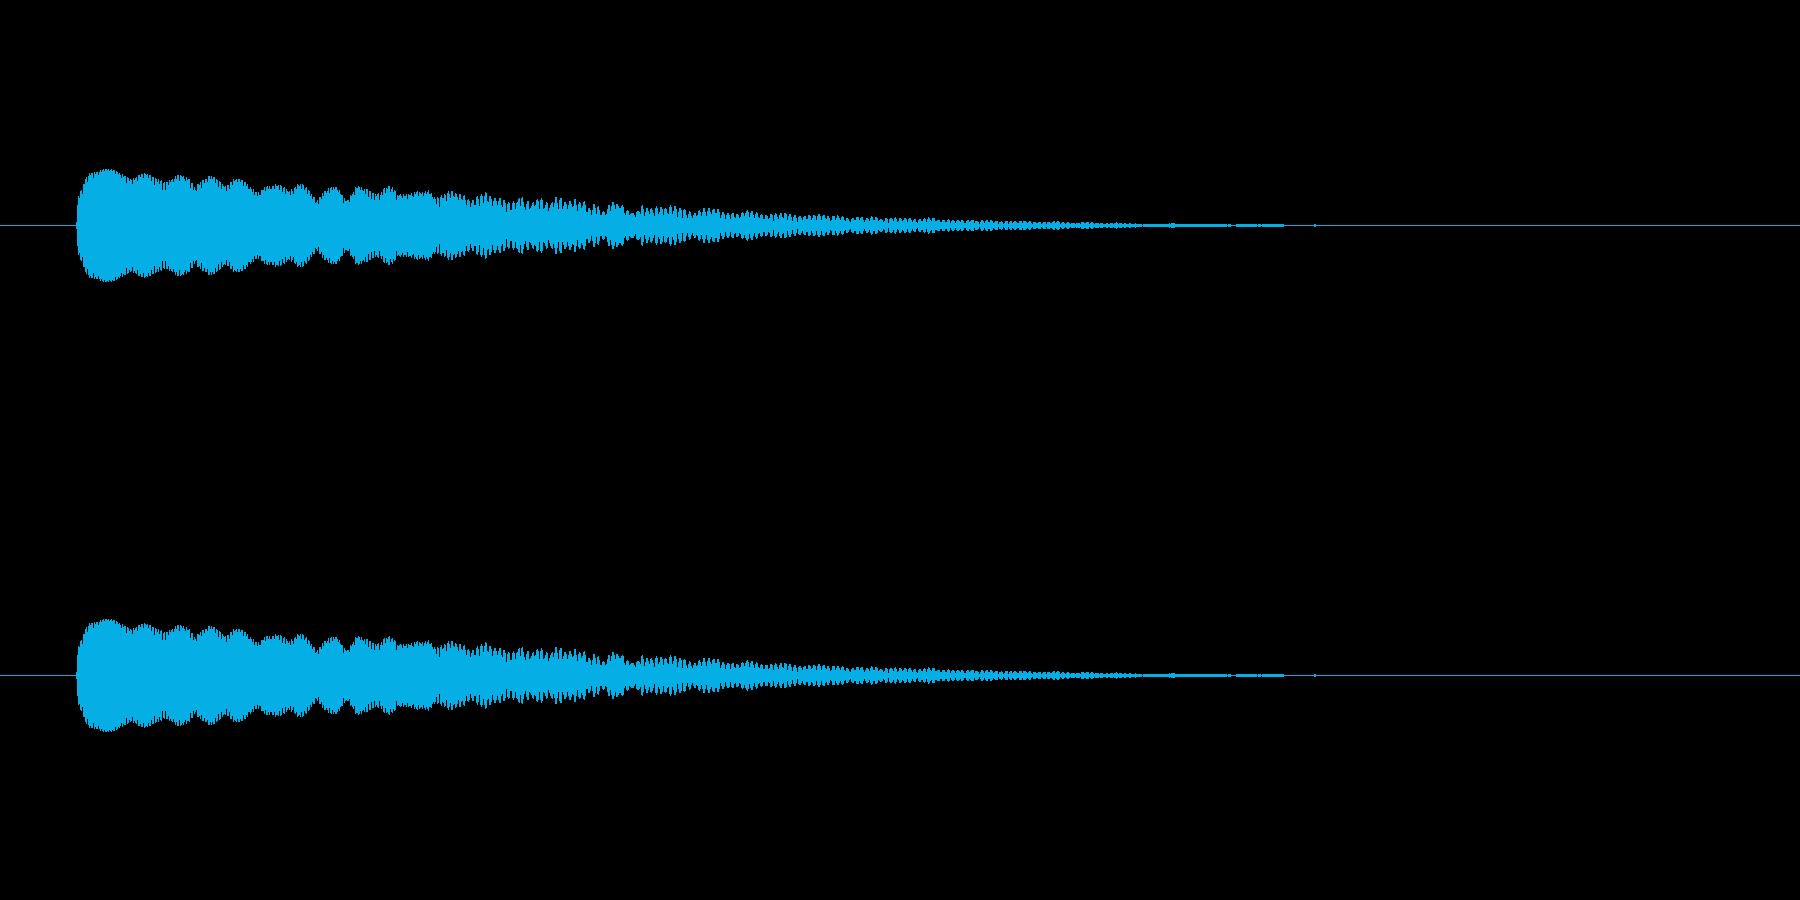 【光る04-3】の再生済みの波形